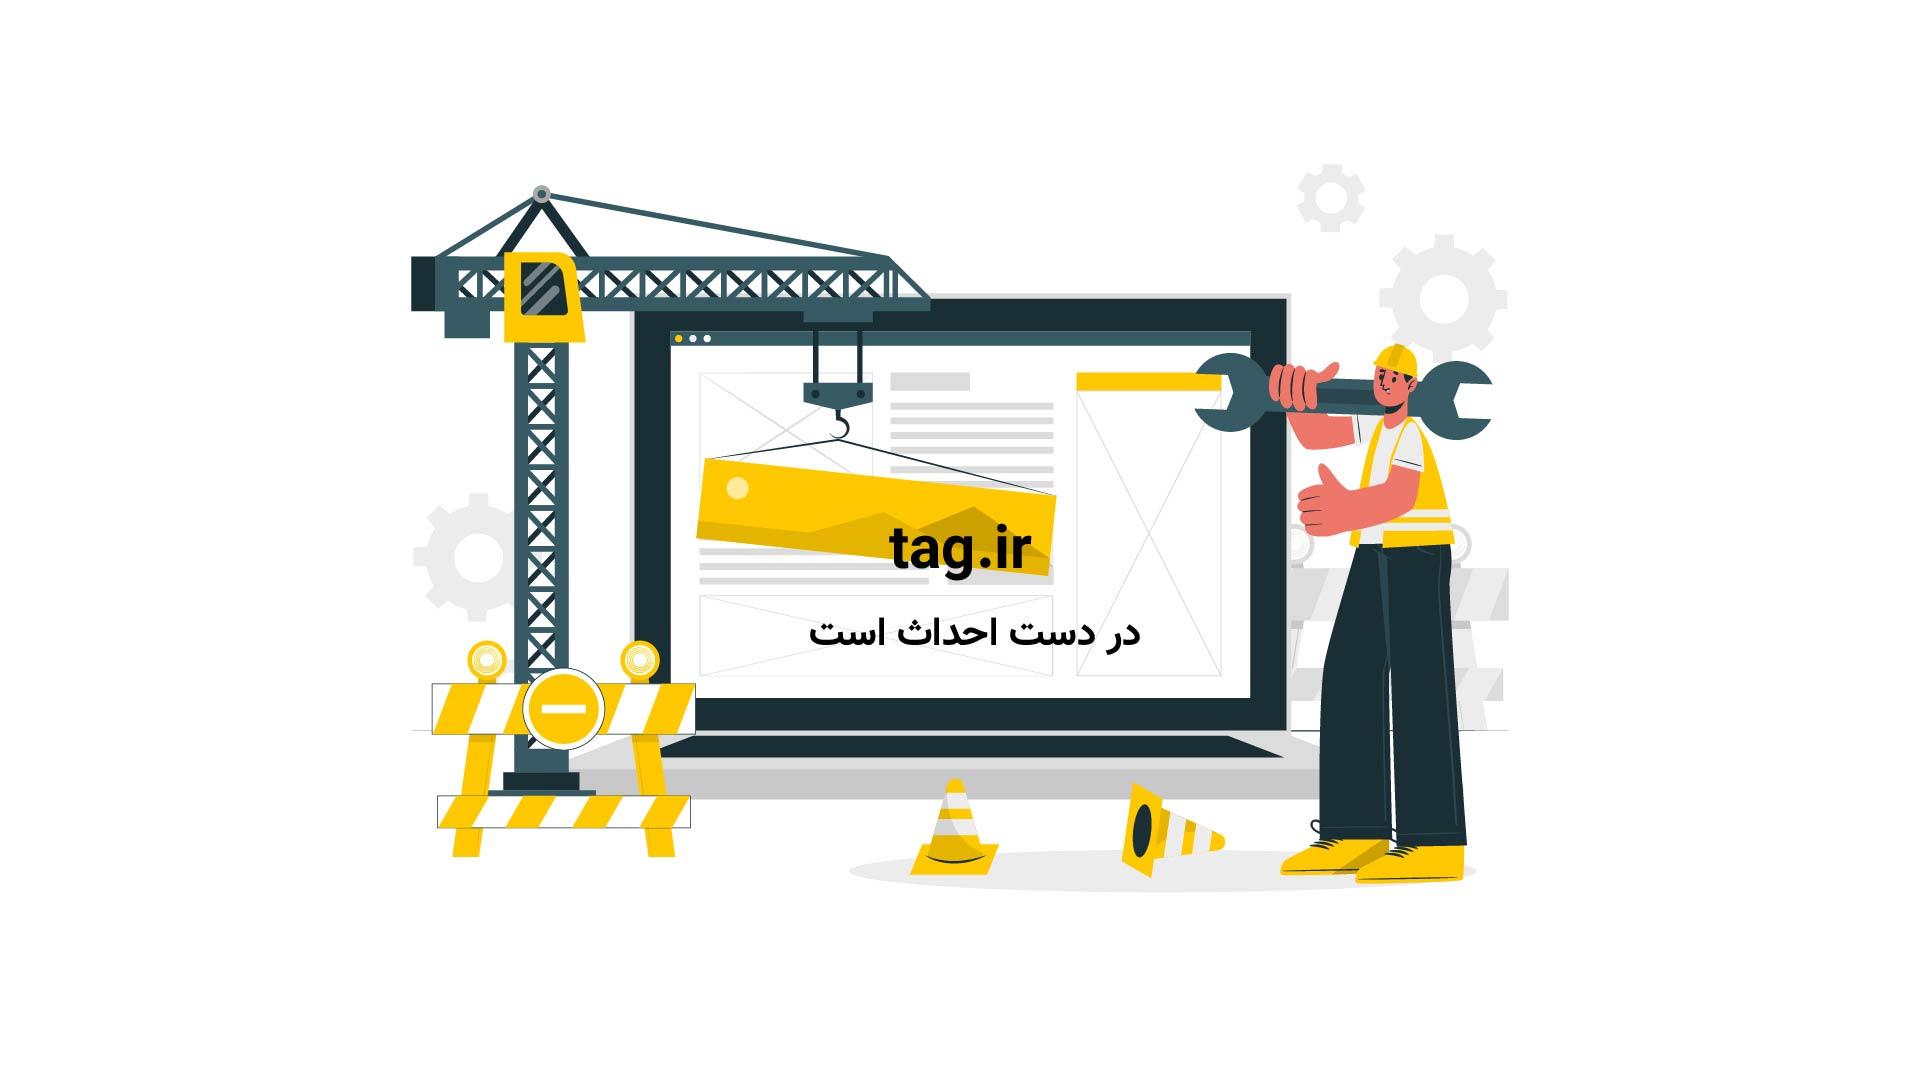 روحانی حسن خمینی حرم امام مزار هاشمی | تگ